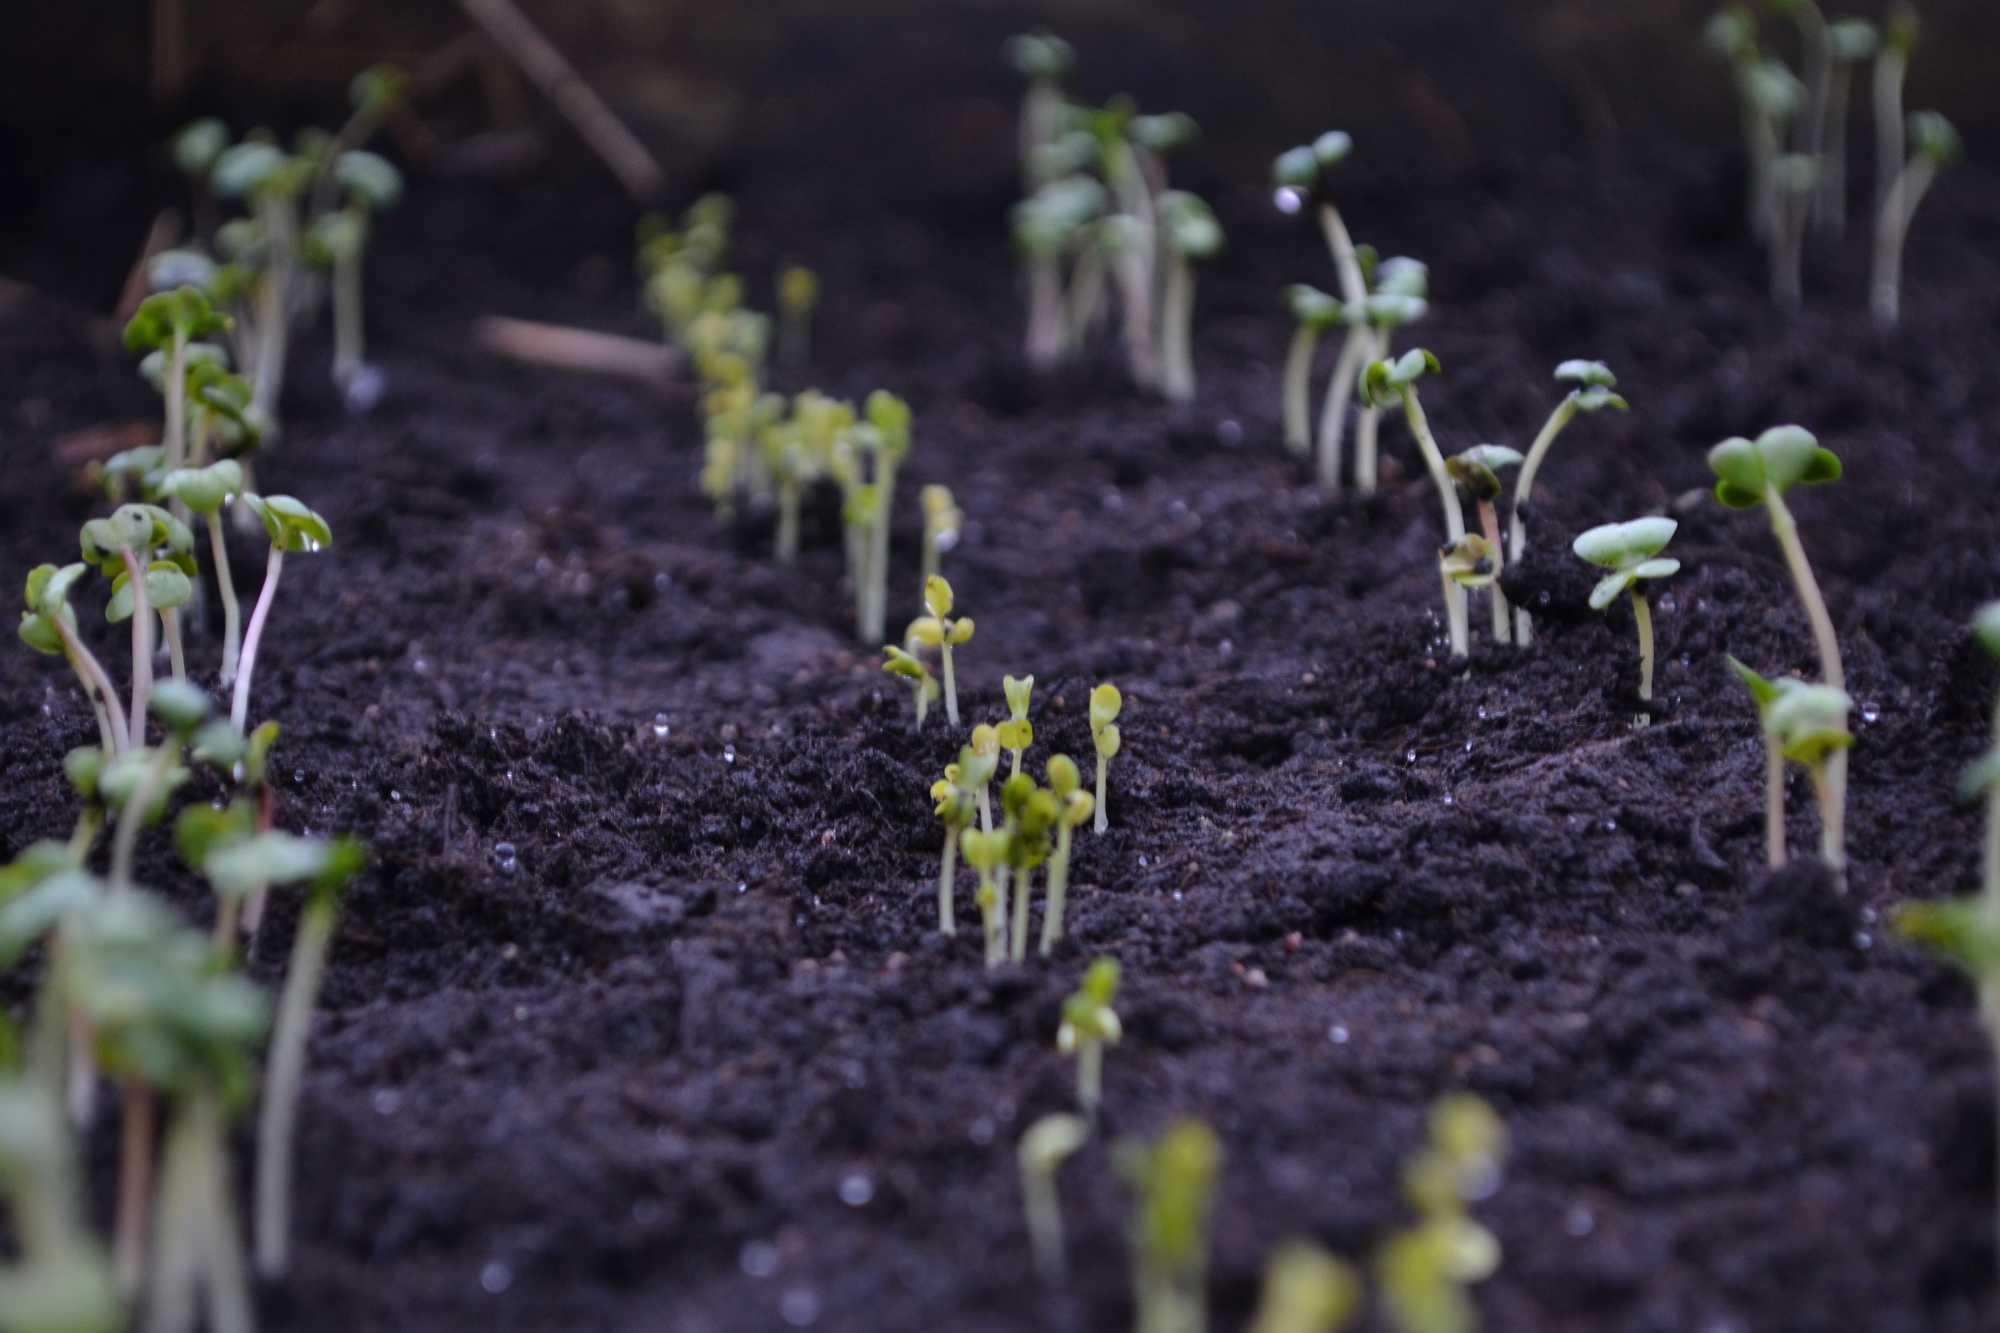 Fröer som nyss grott i kolsvar jord.